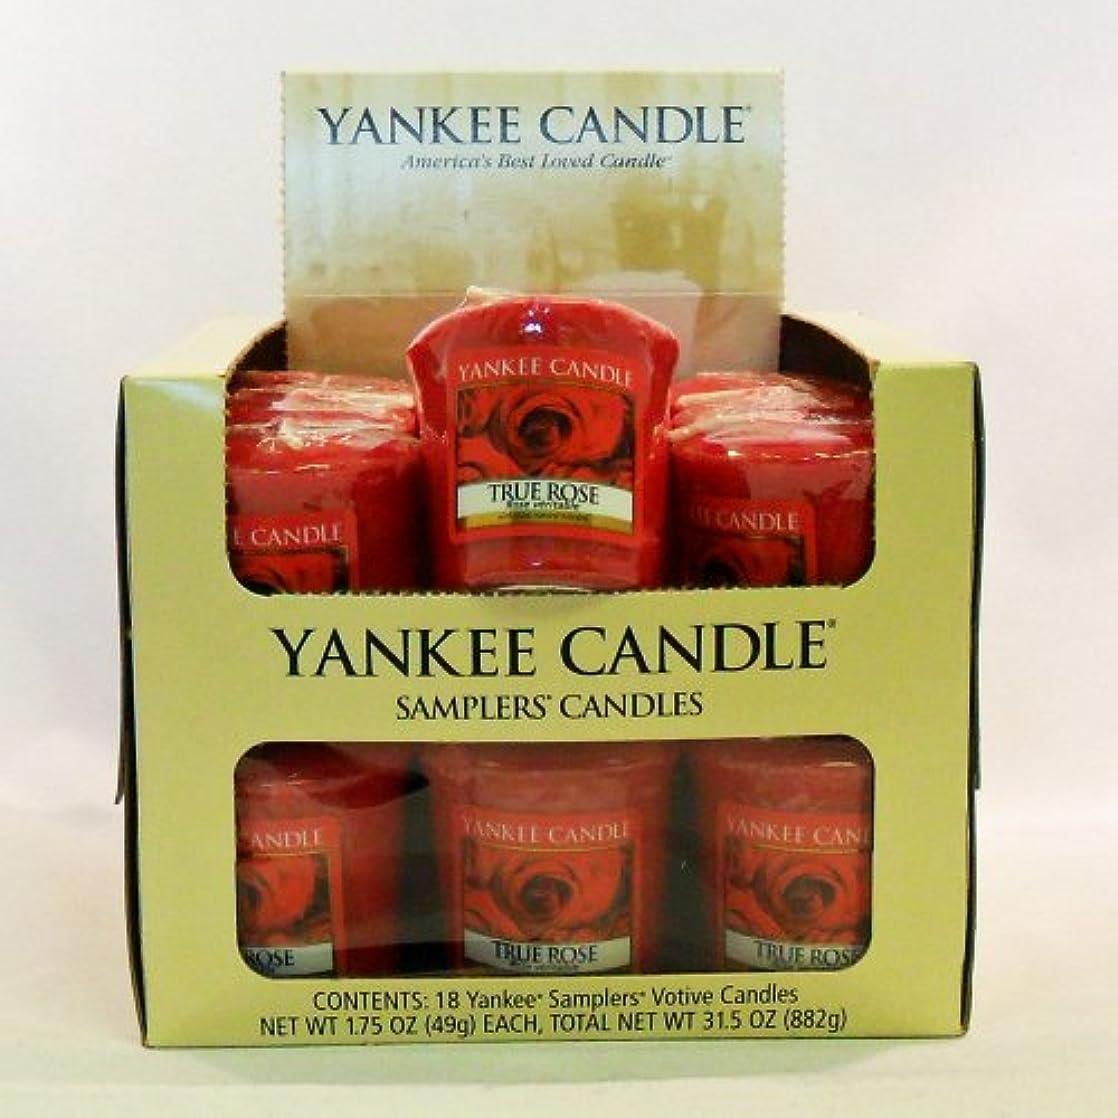 箱貸す式Yankee candle-18 X TrueローズVotiveサンプラーキャンドル – 新しい香りfor 2012 。